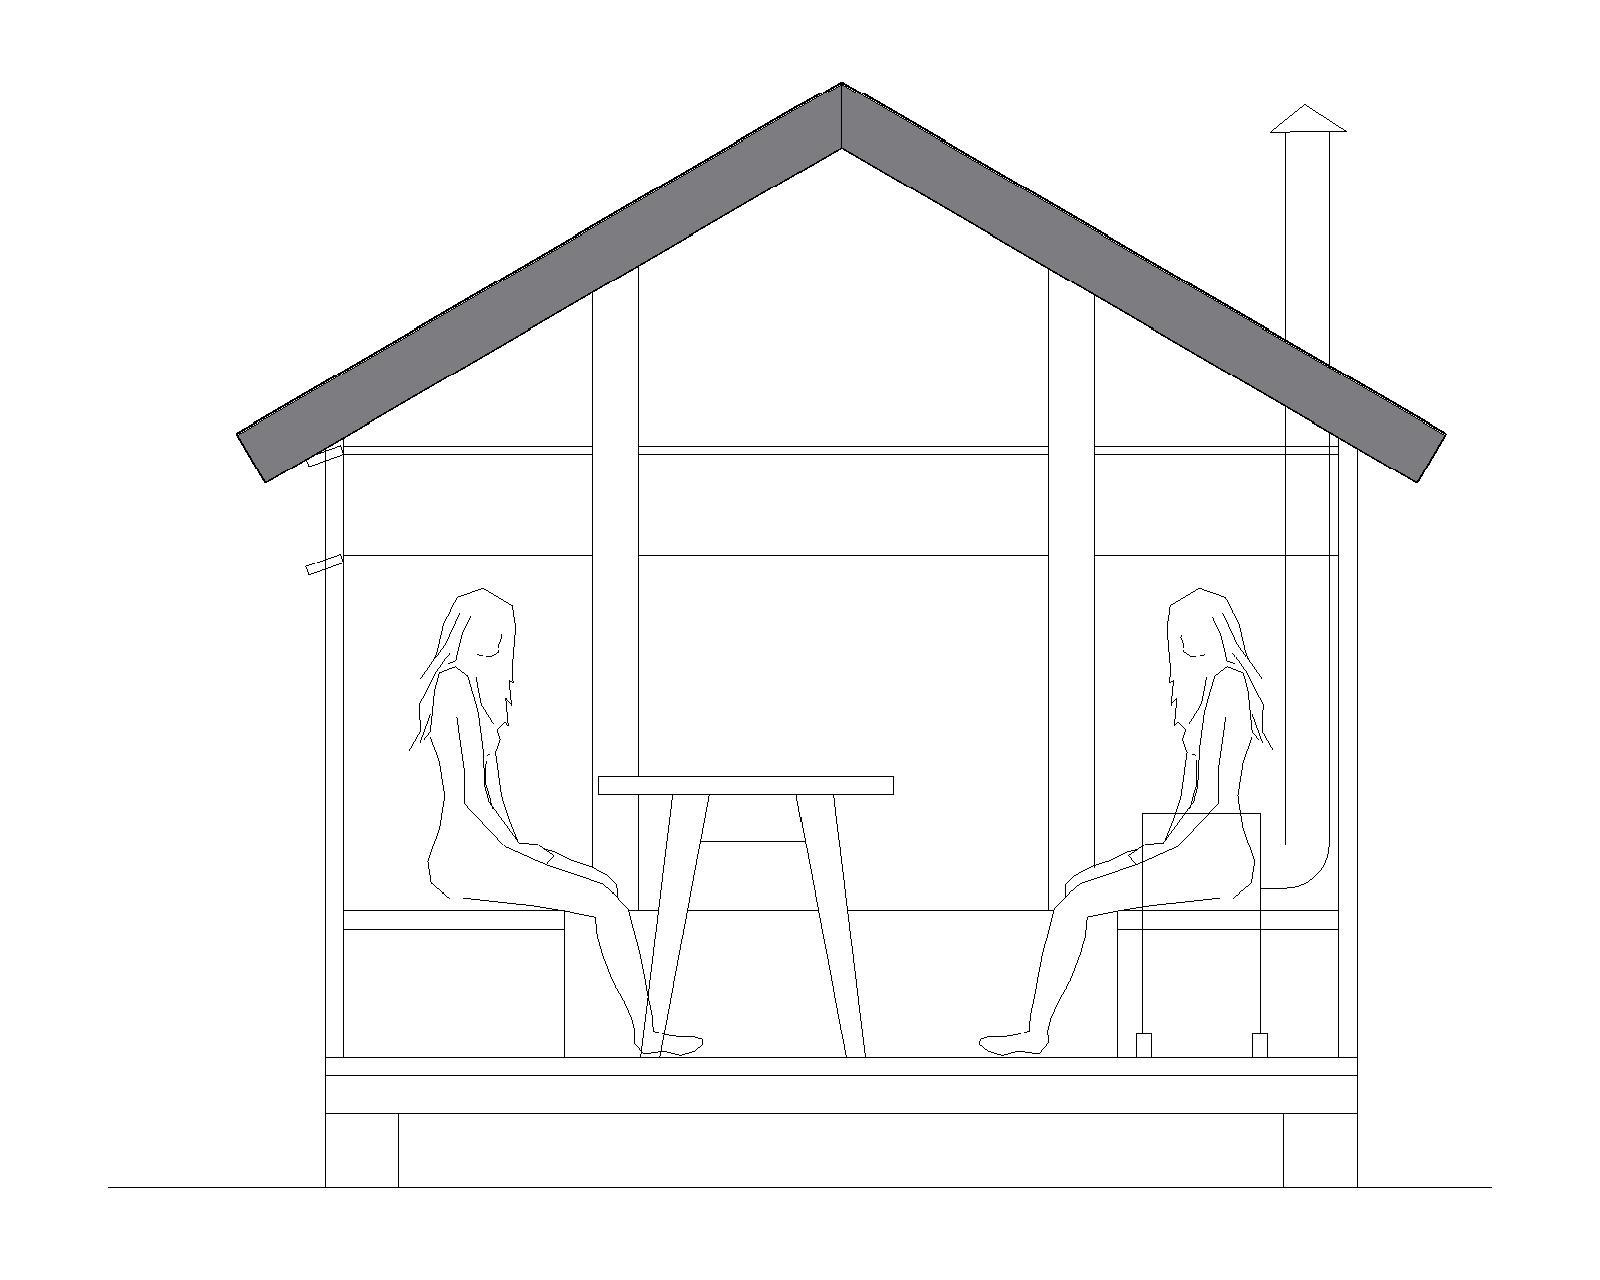 Tværsnit af shelteret. I midten et mobilt bord. De brede brikse bruges både til at sidde på og ligge på Illustration: Mikkel Johansen